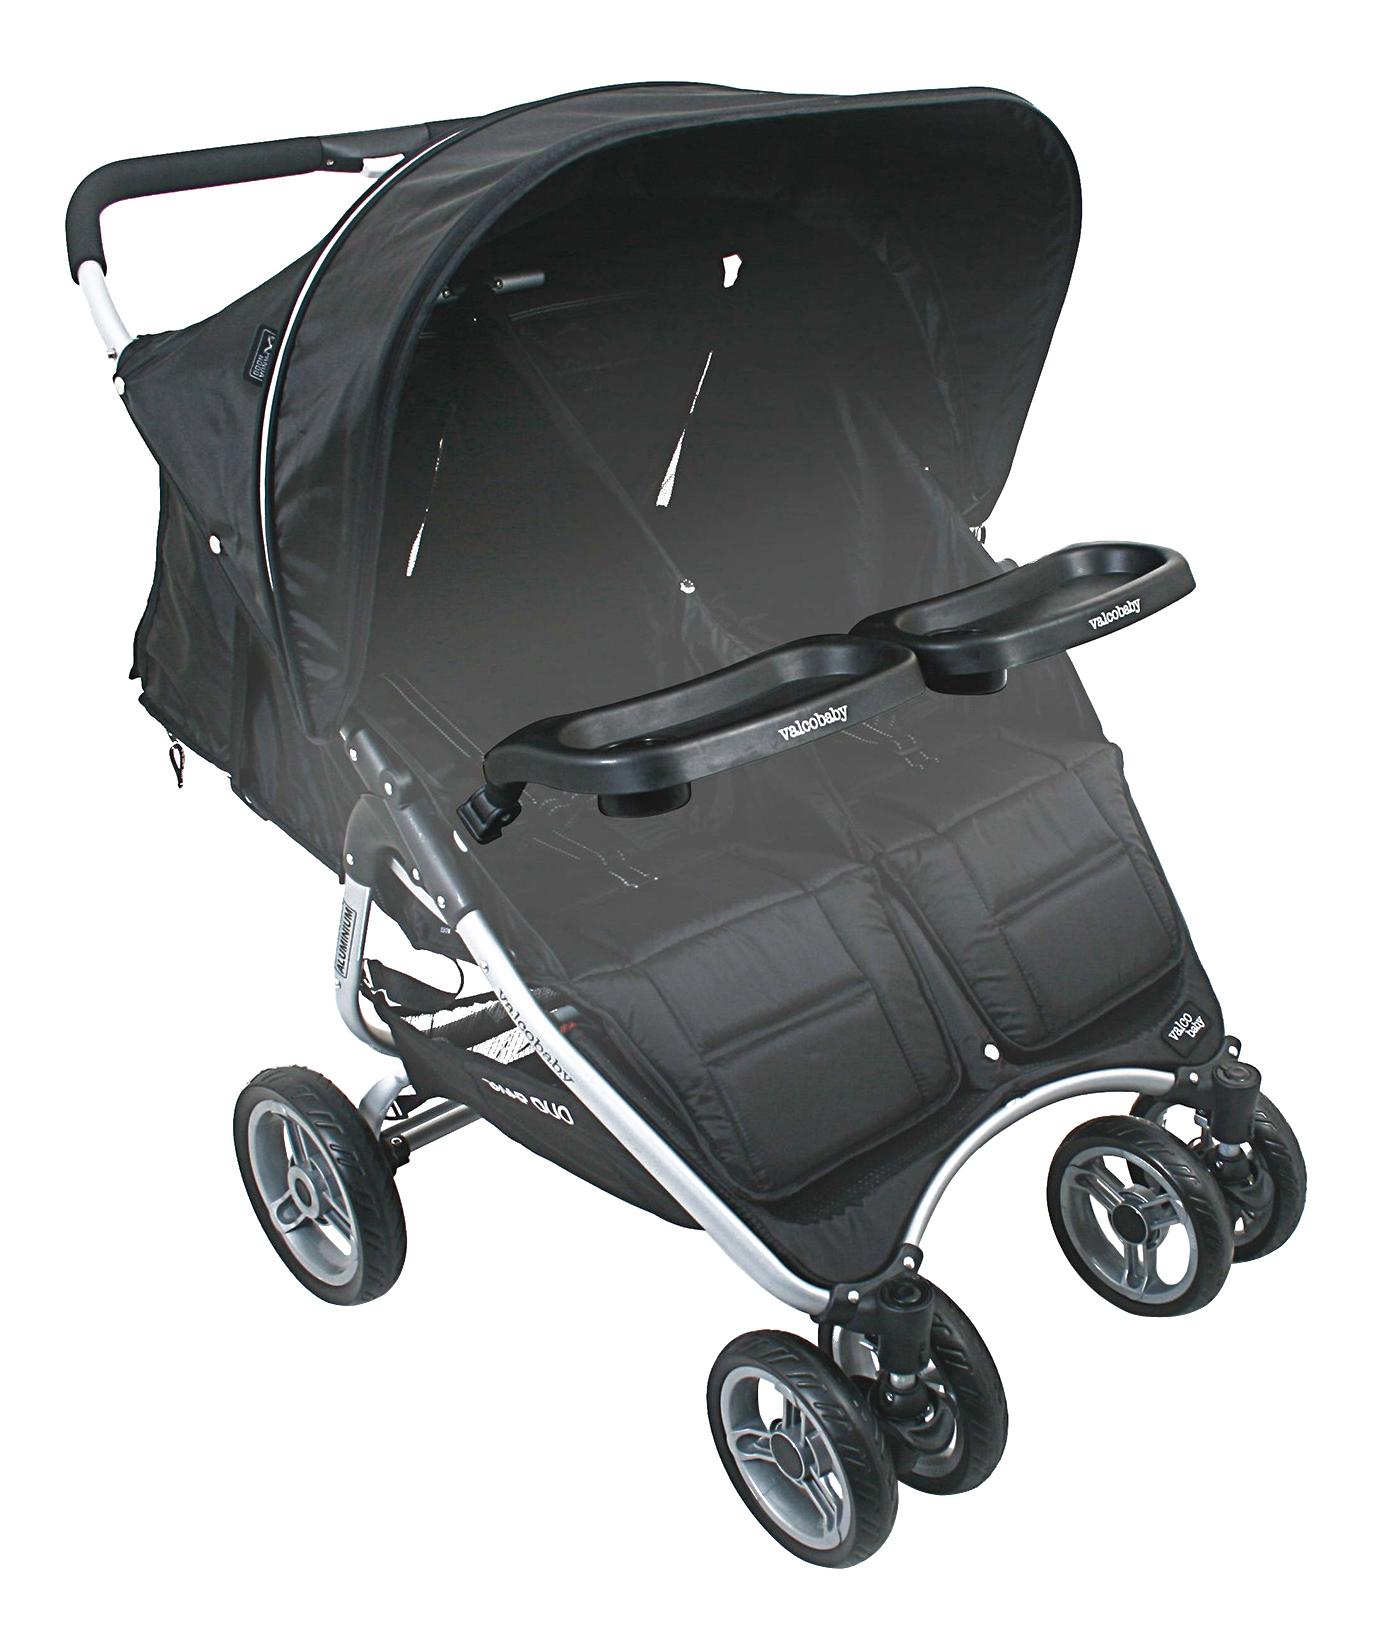 Купить Столик Valco Baby Snack Tray для Snap Duo и Spark Duo, Столик для стульчика для кормления